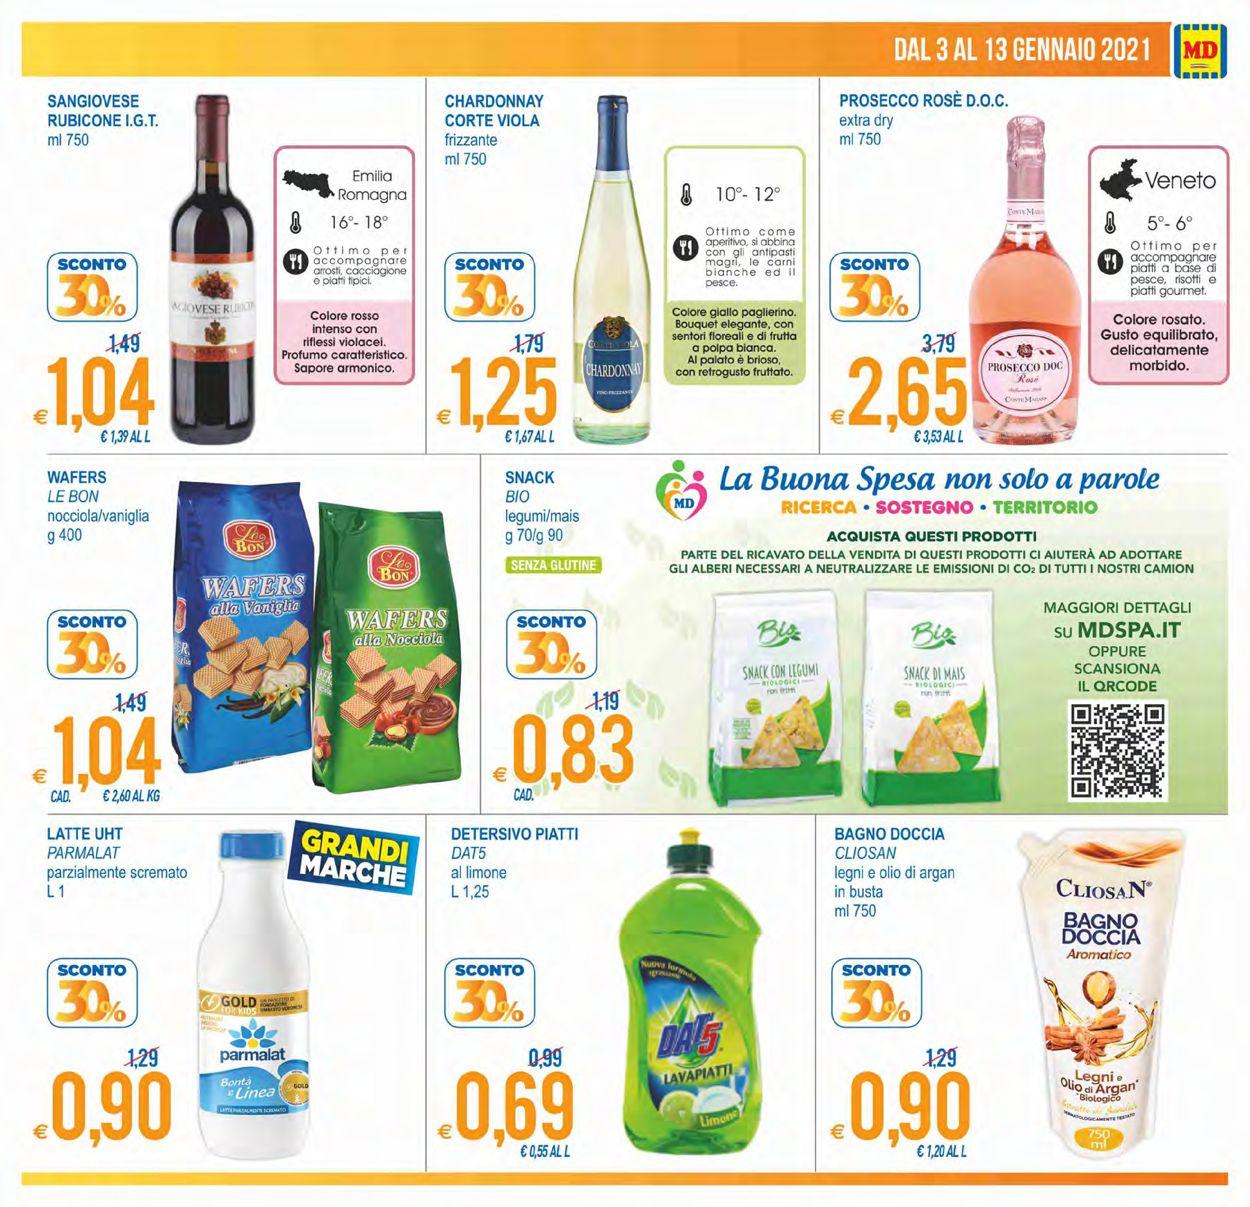 Volantino MD Discount - Offerte 03/01-13/01/2021 (Pagina 3)